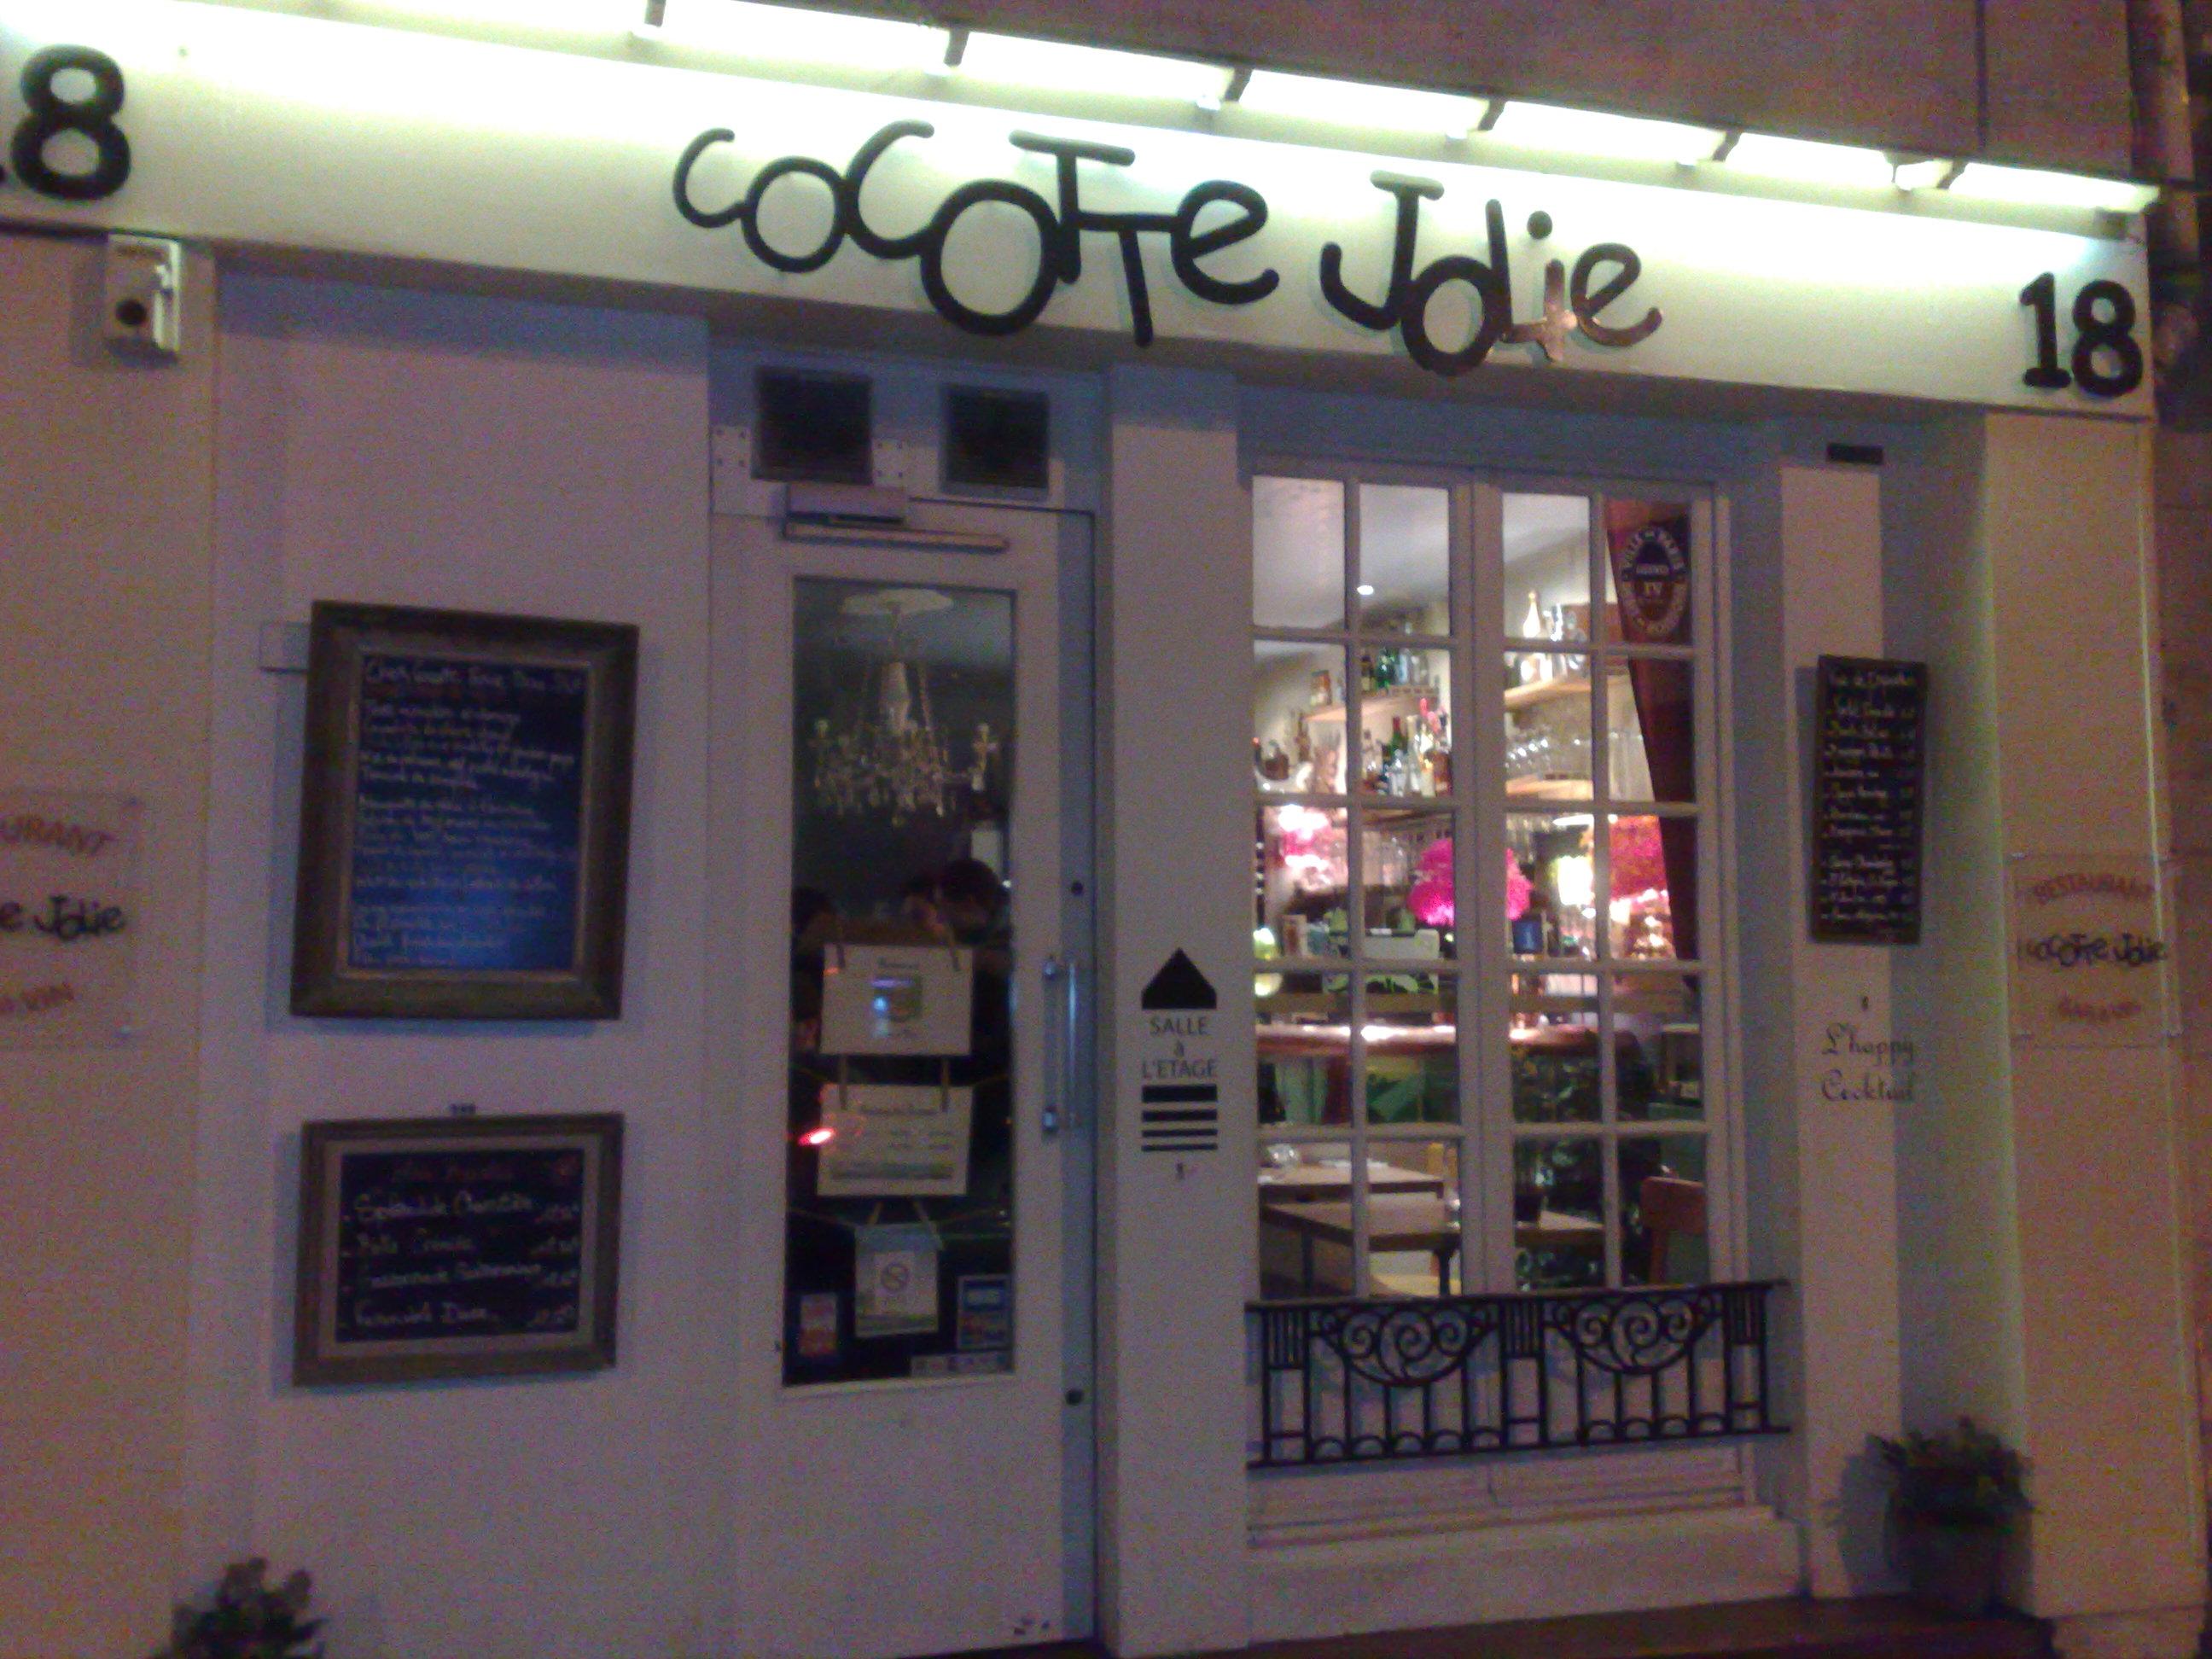 Restaurant cocotte jolie paris 6 me 75006 - Restaurant chez cocotte ...